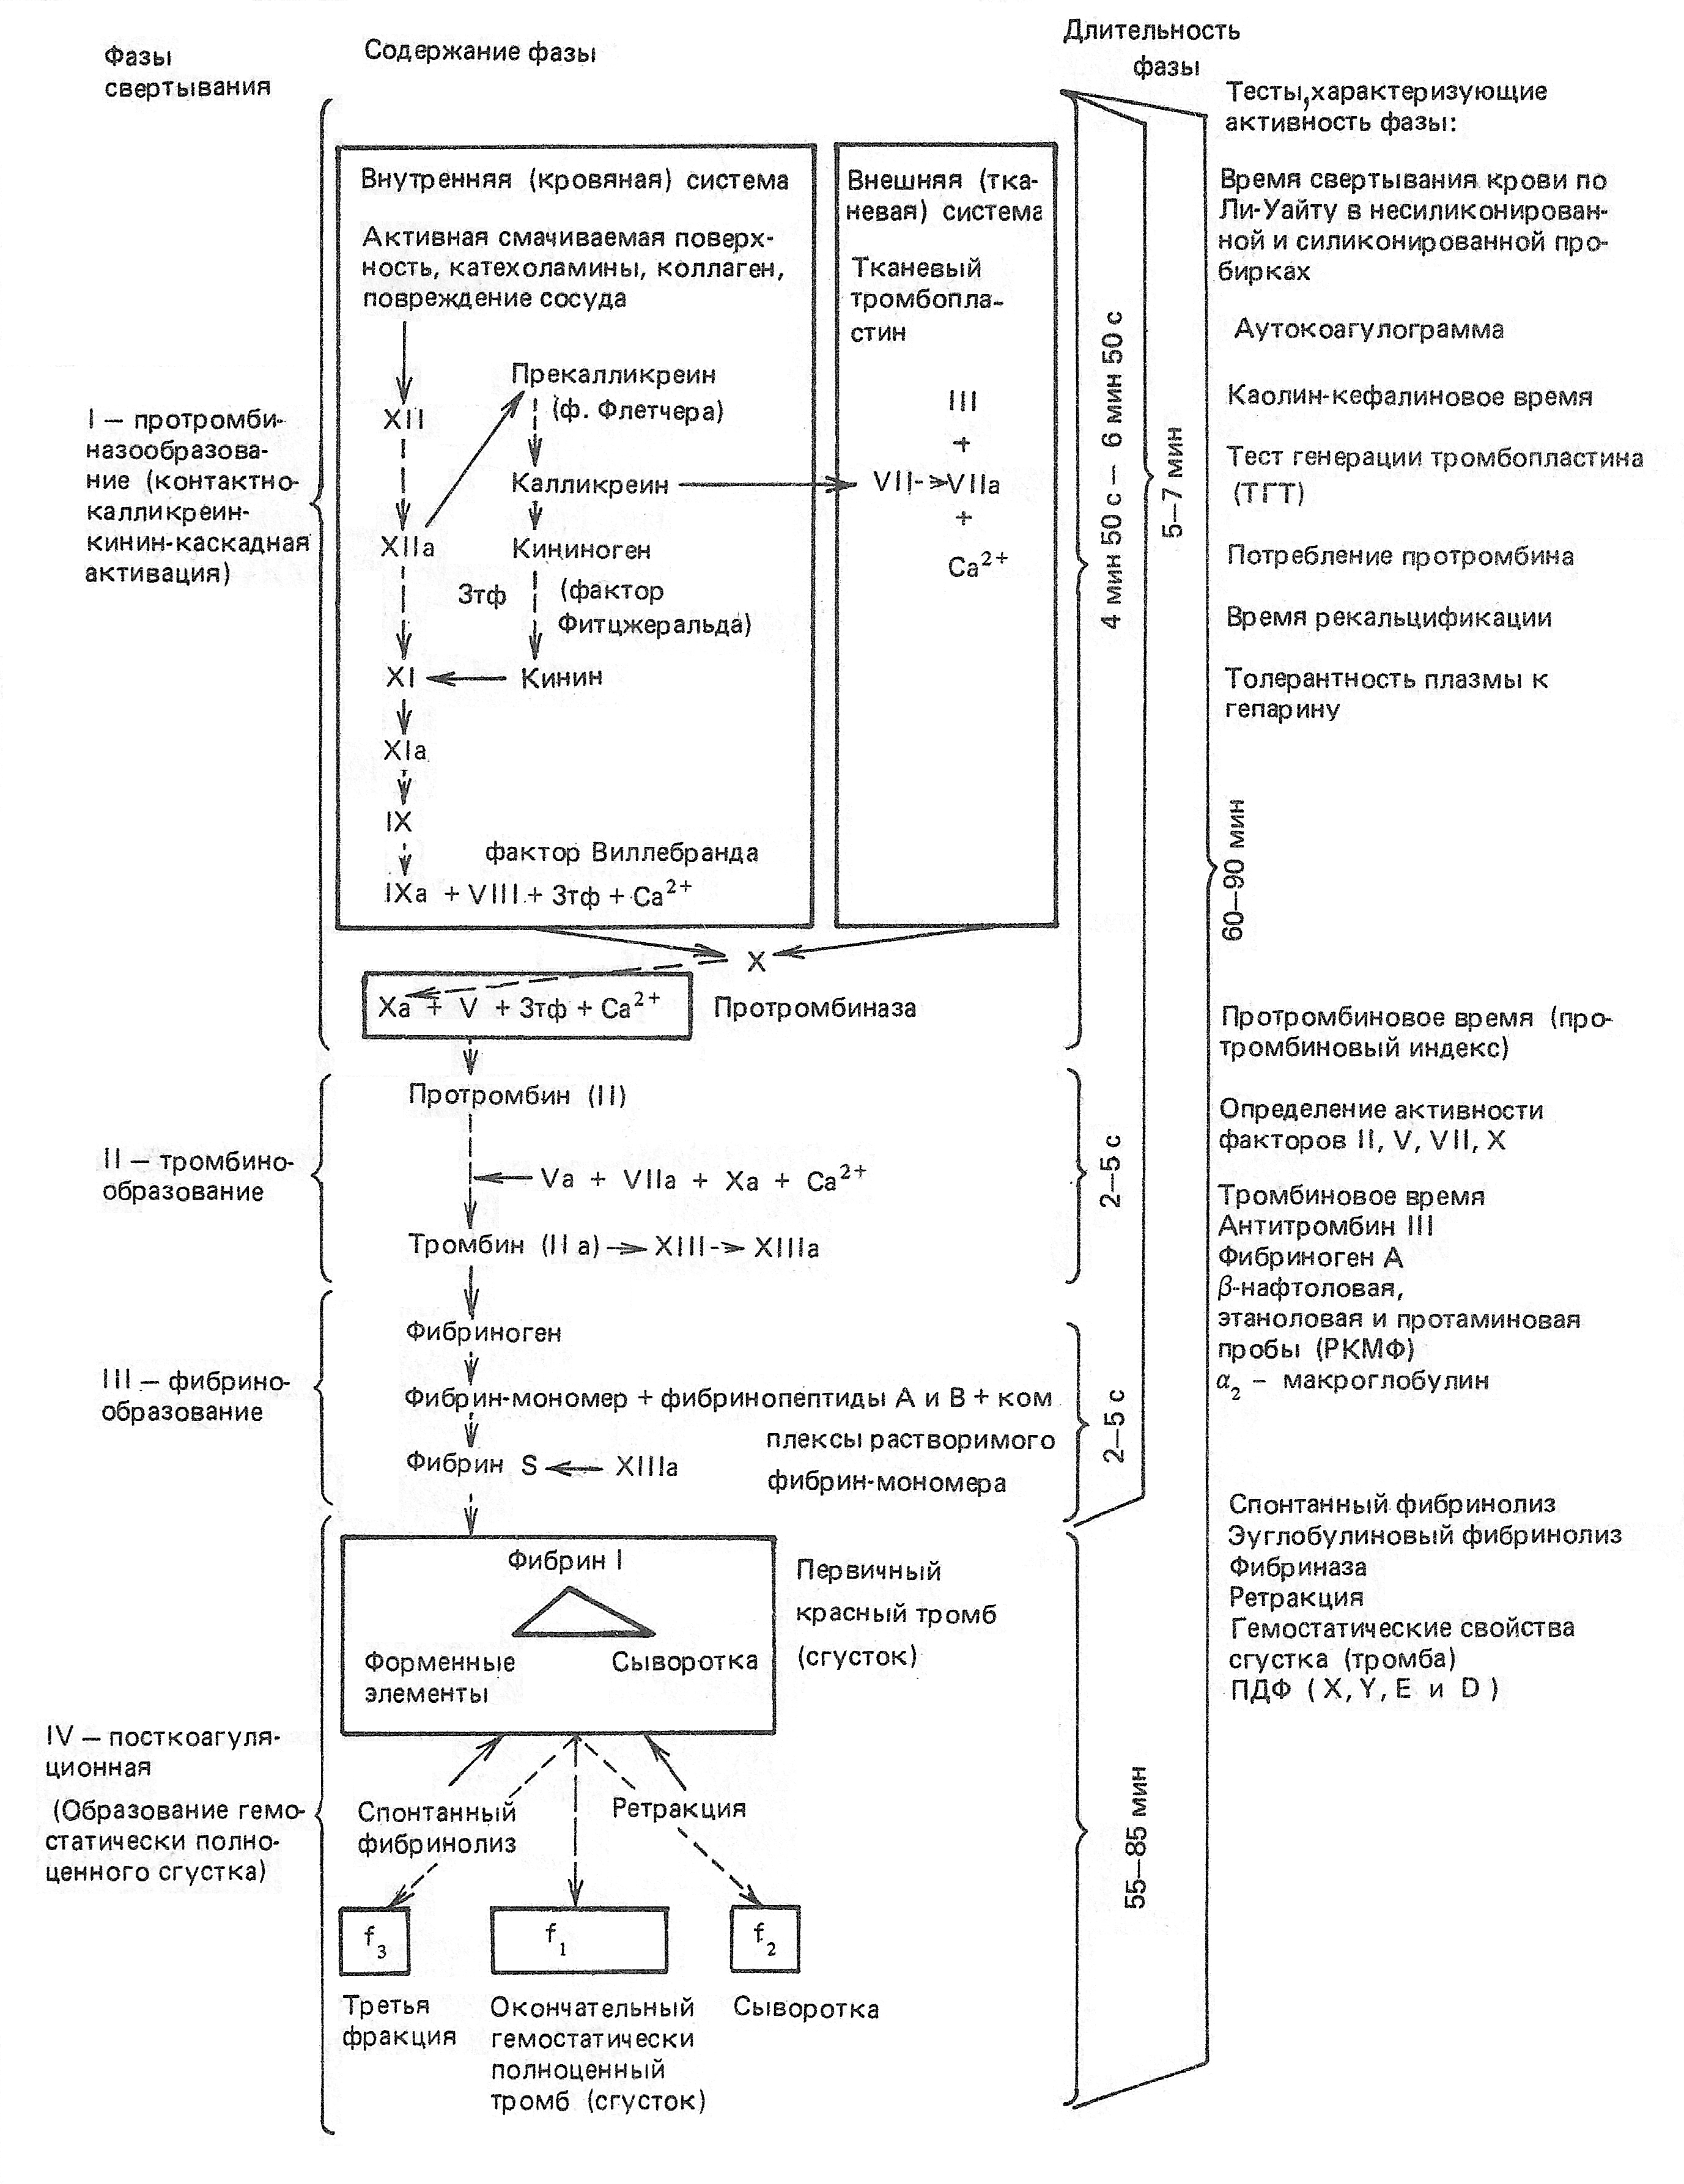 Методы исследования внутреннего механизма свертывания